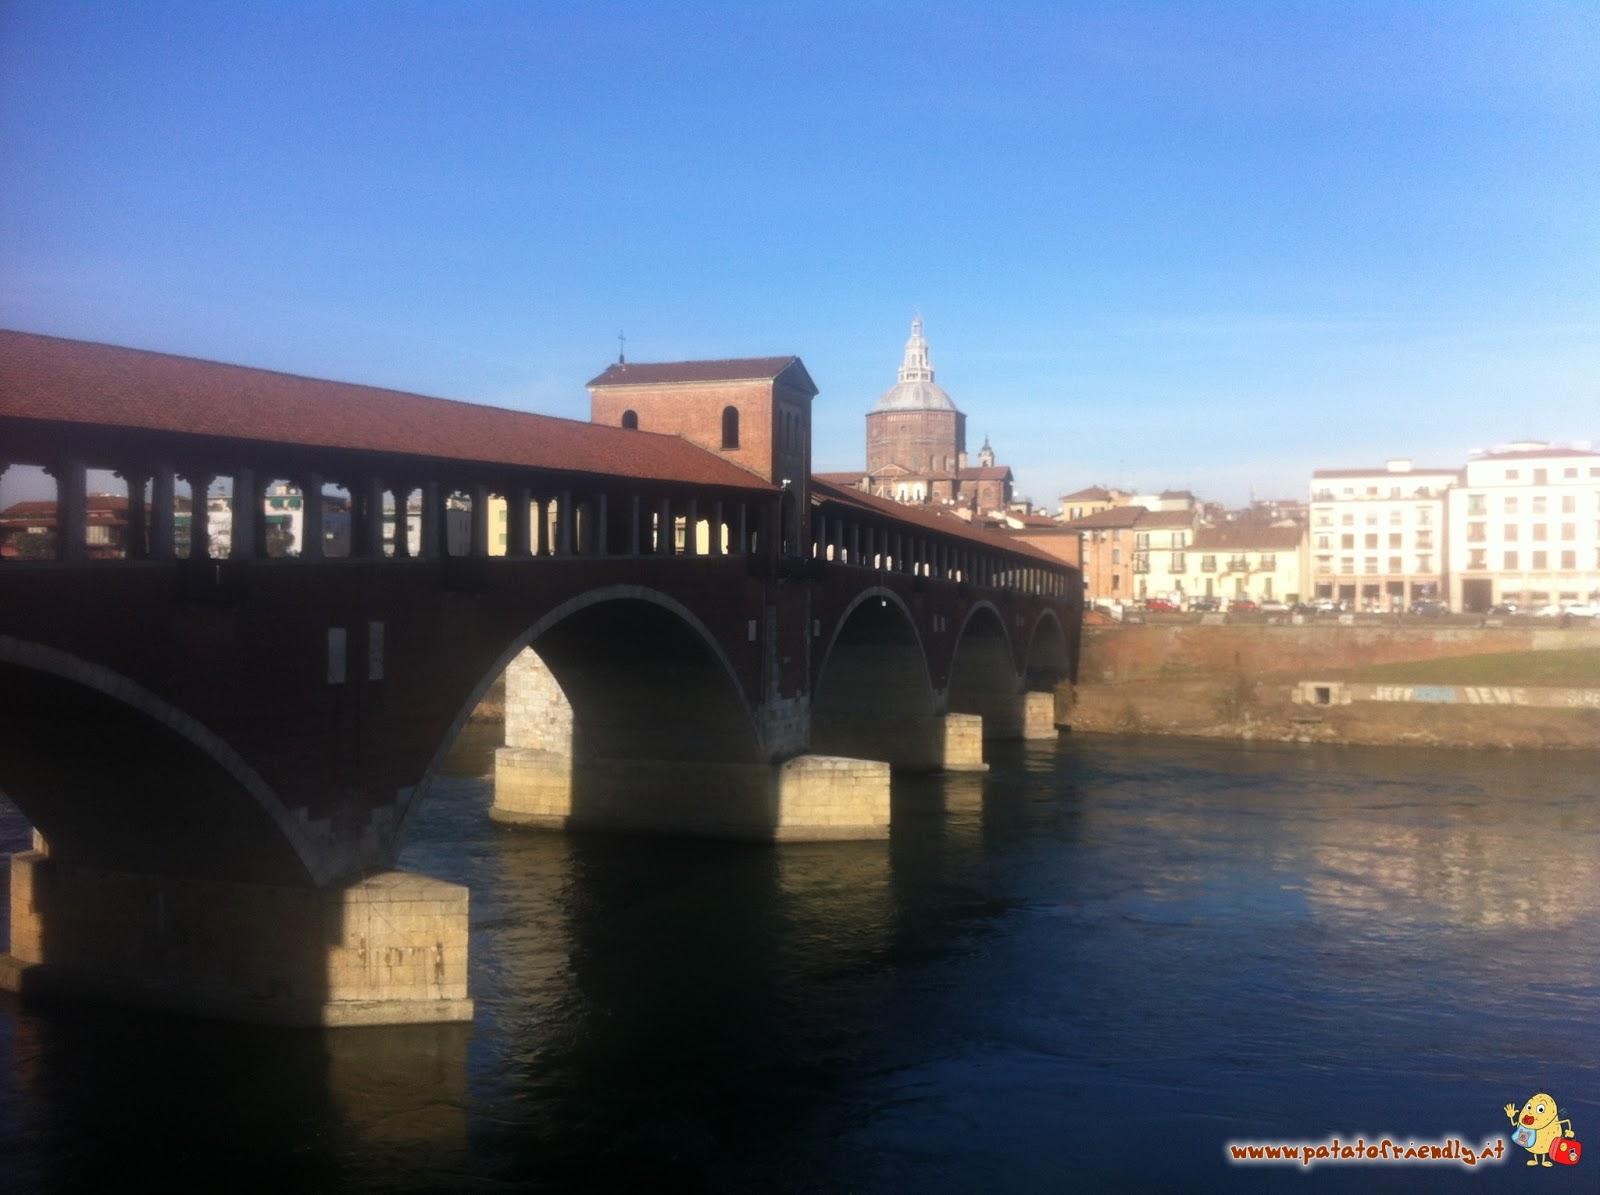 Cosa vedere a Pavia: Il Ponte Vecchio